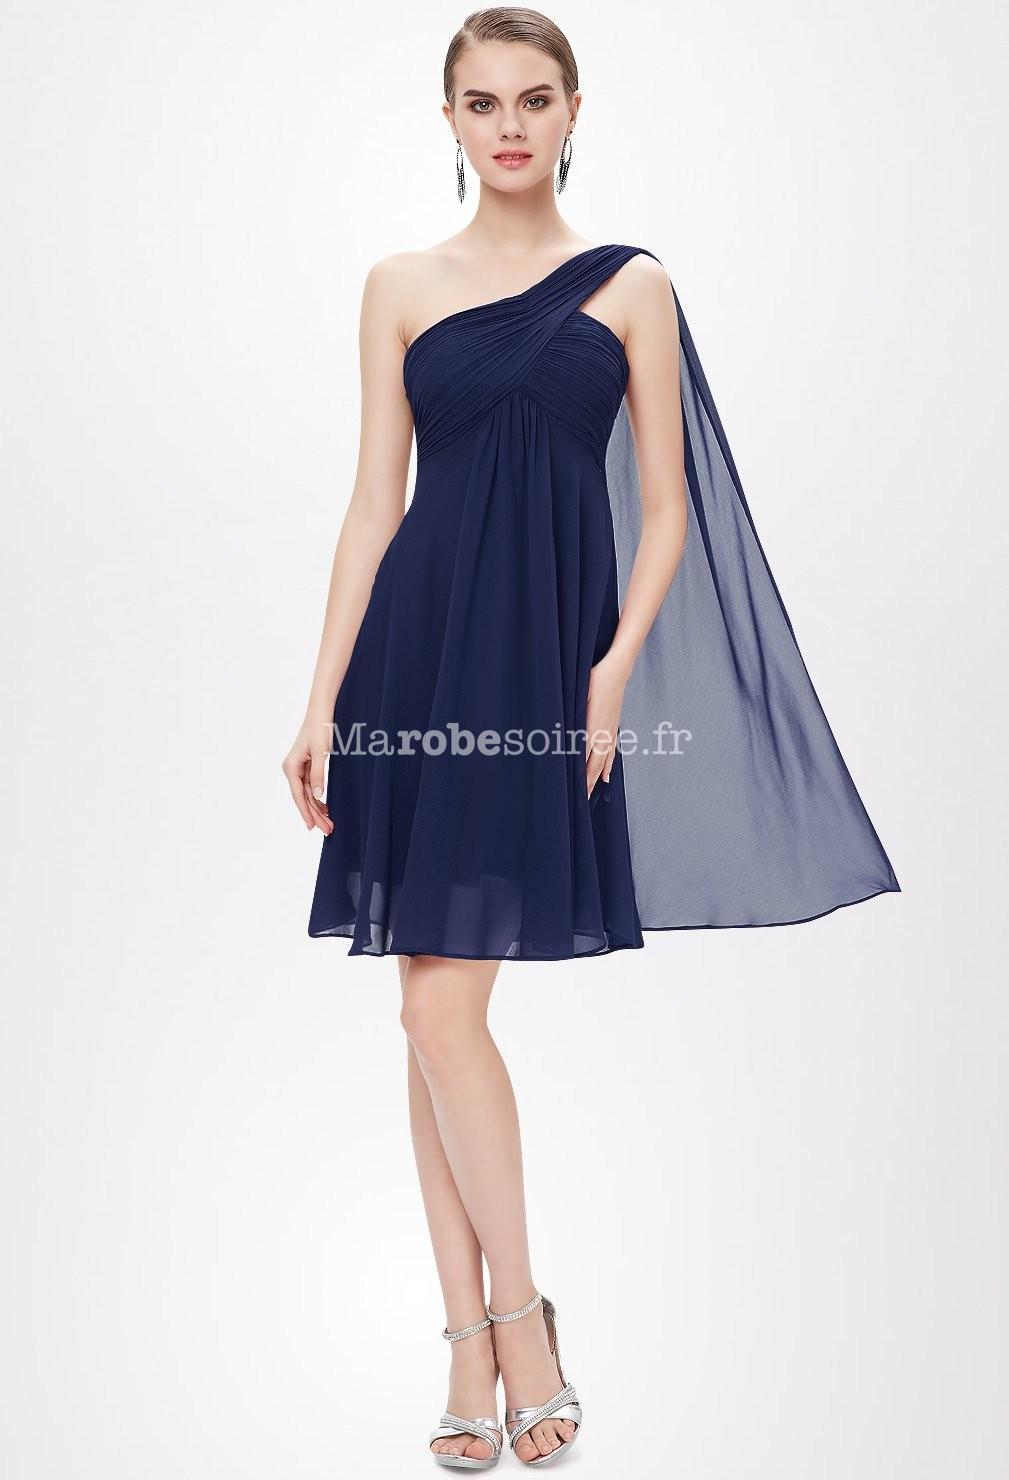 Robe voile bleu